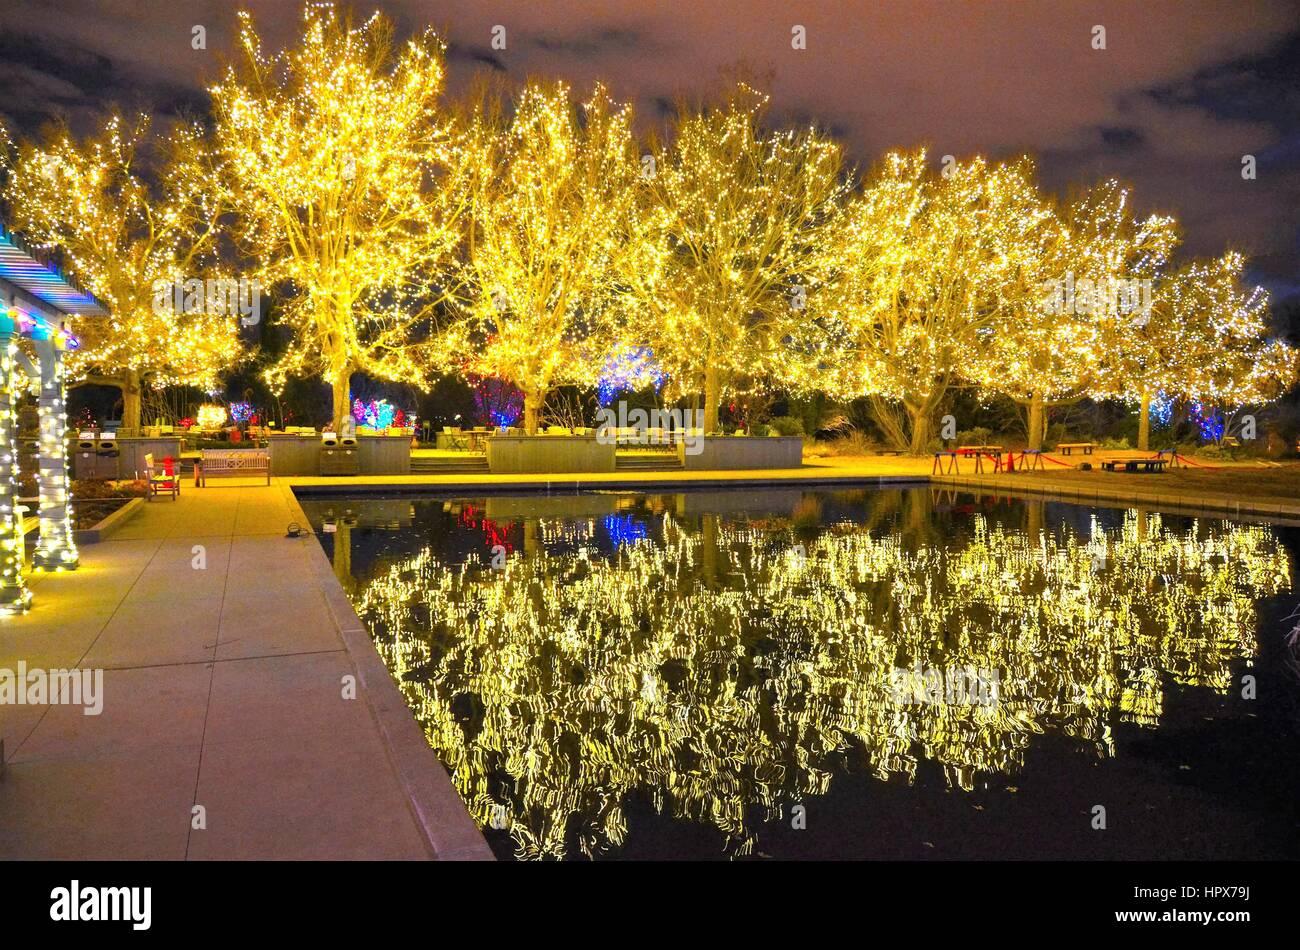 Christmas Light Display Stock Photos & Christmas Light Display Stock ...